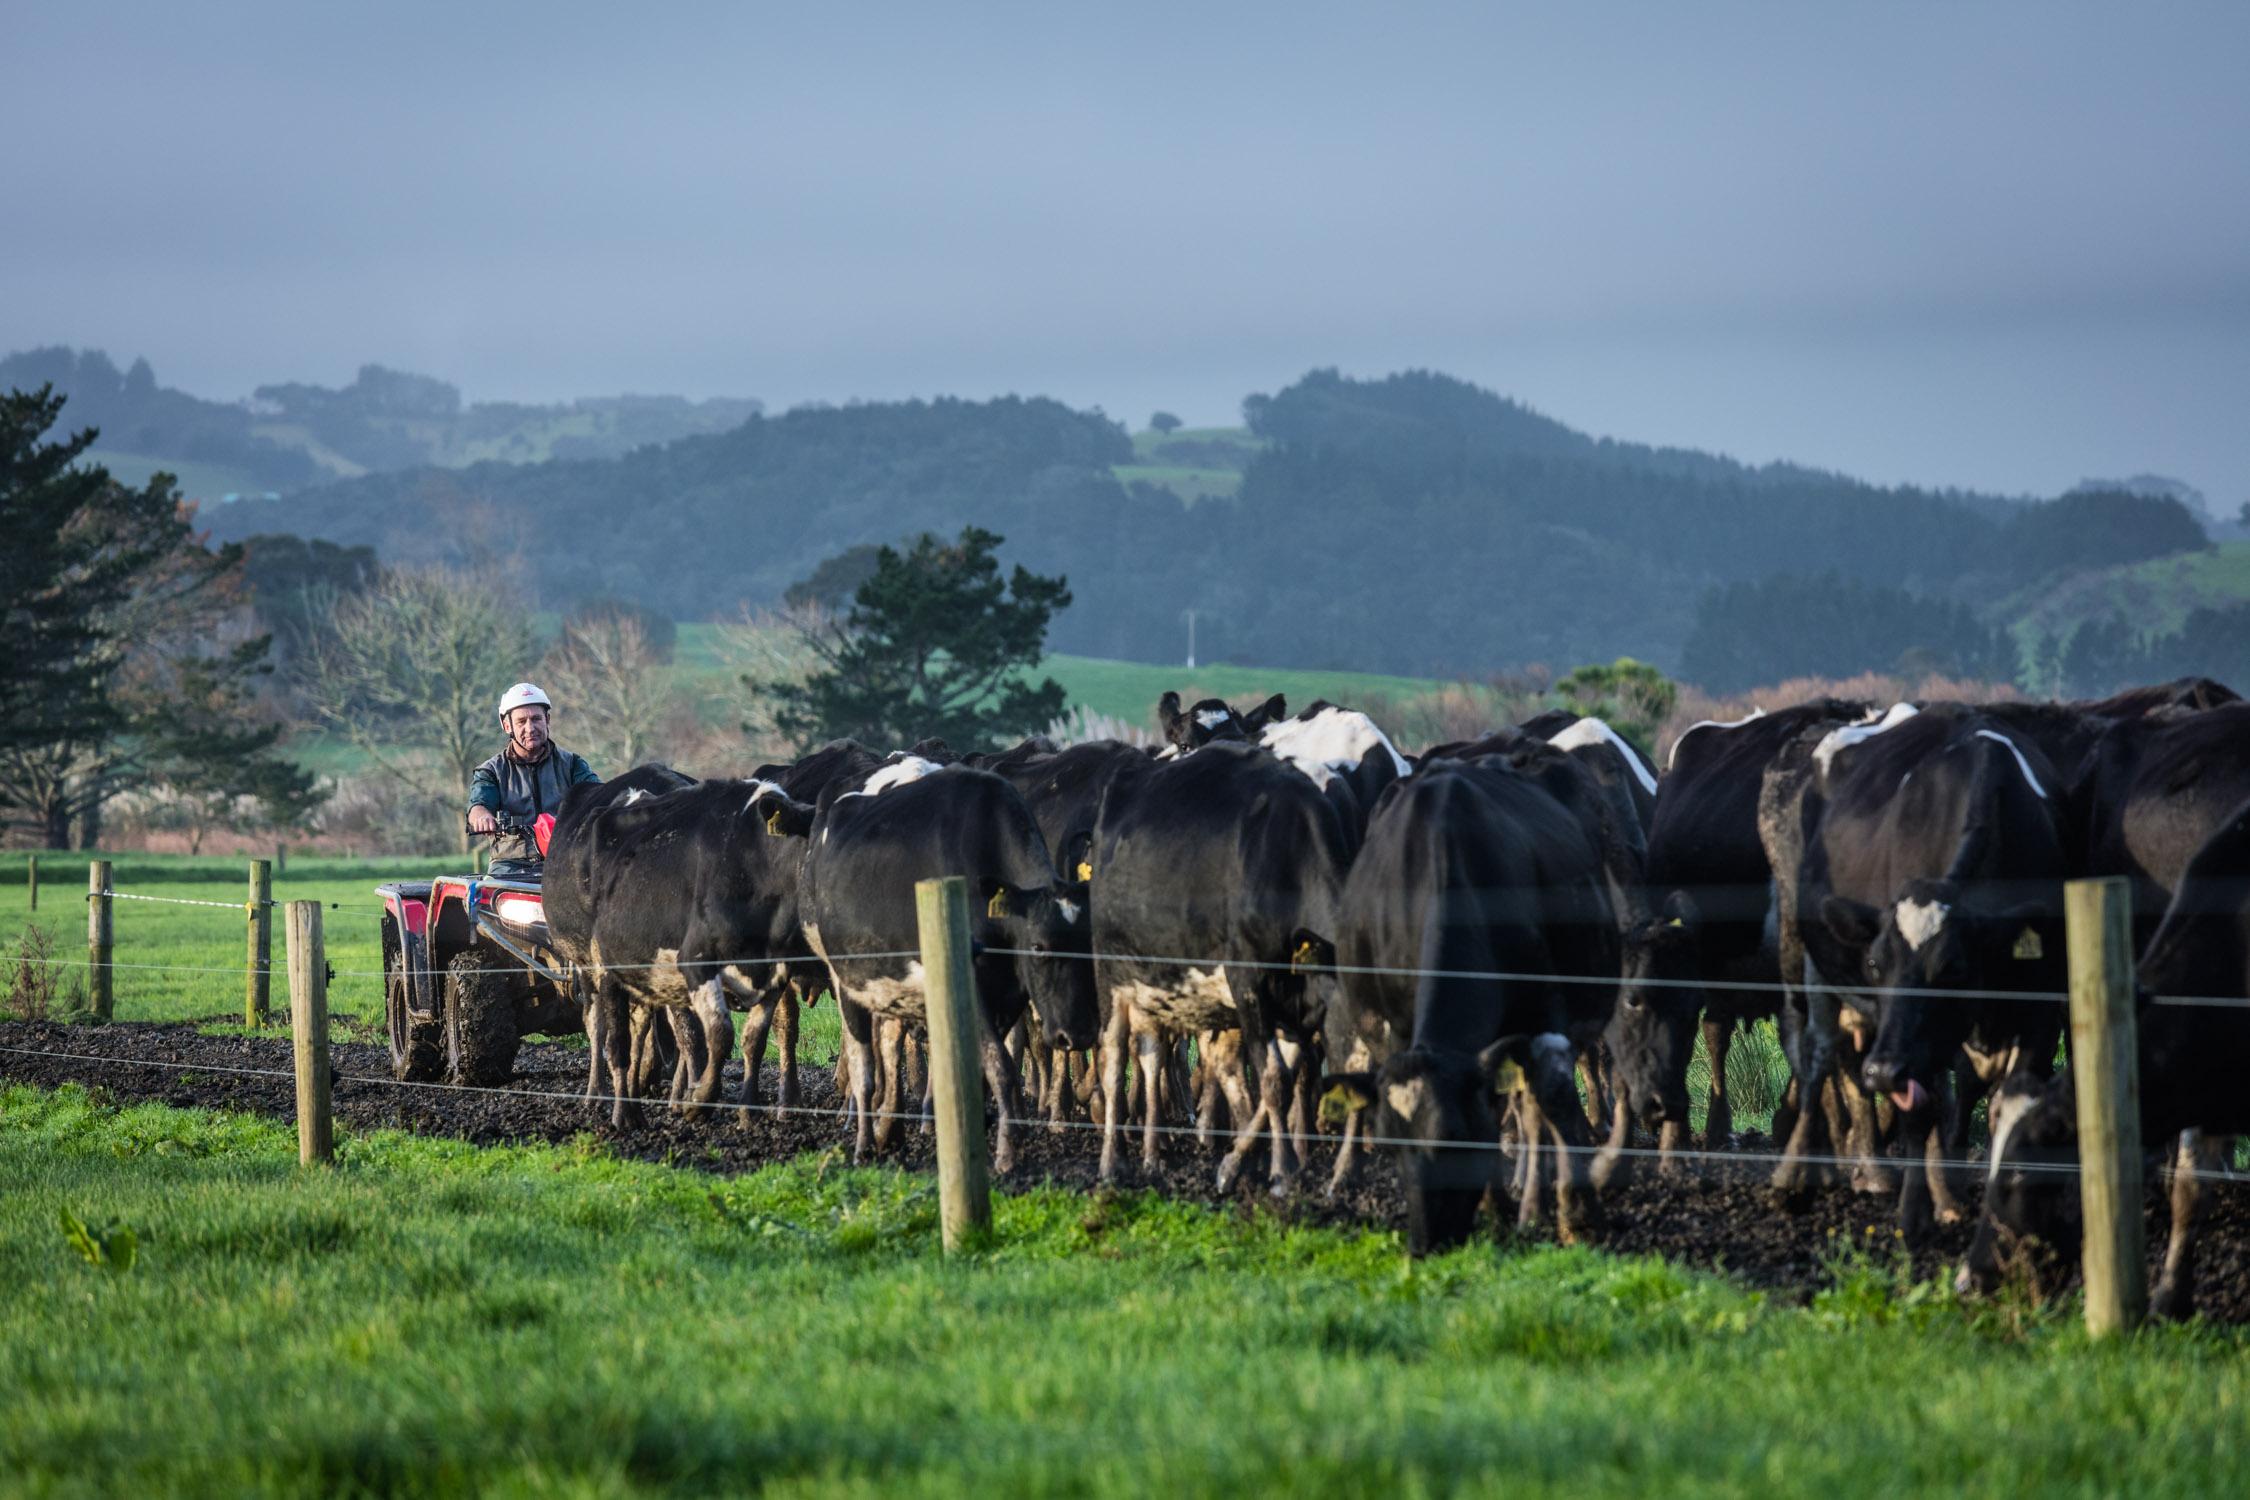 Farmer-Helensville-New Zealand-977_0E2A7705_0154-Edit.jpg